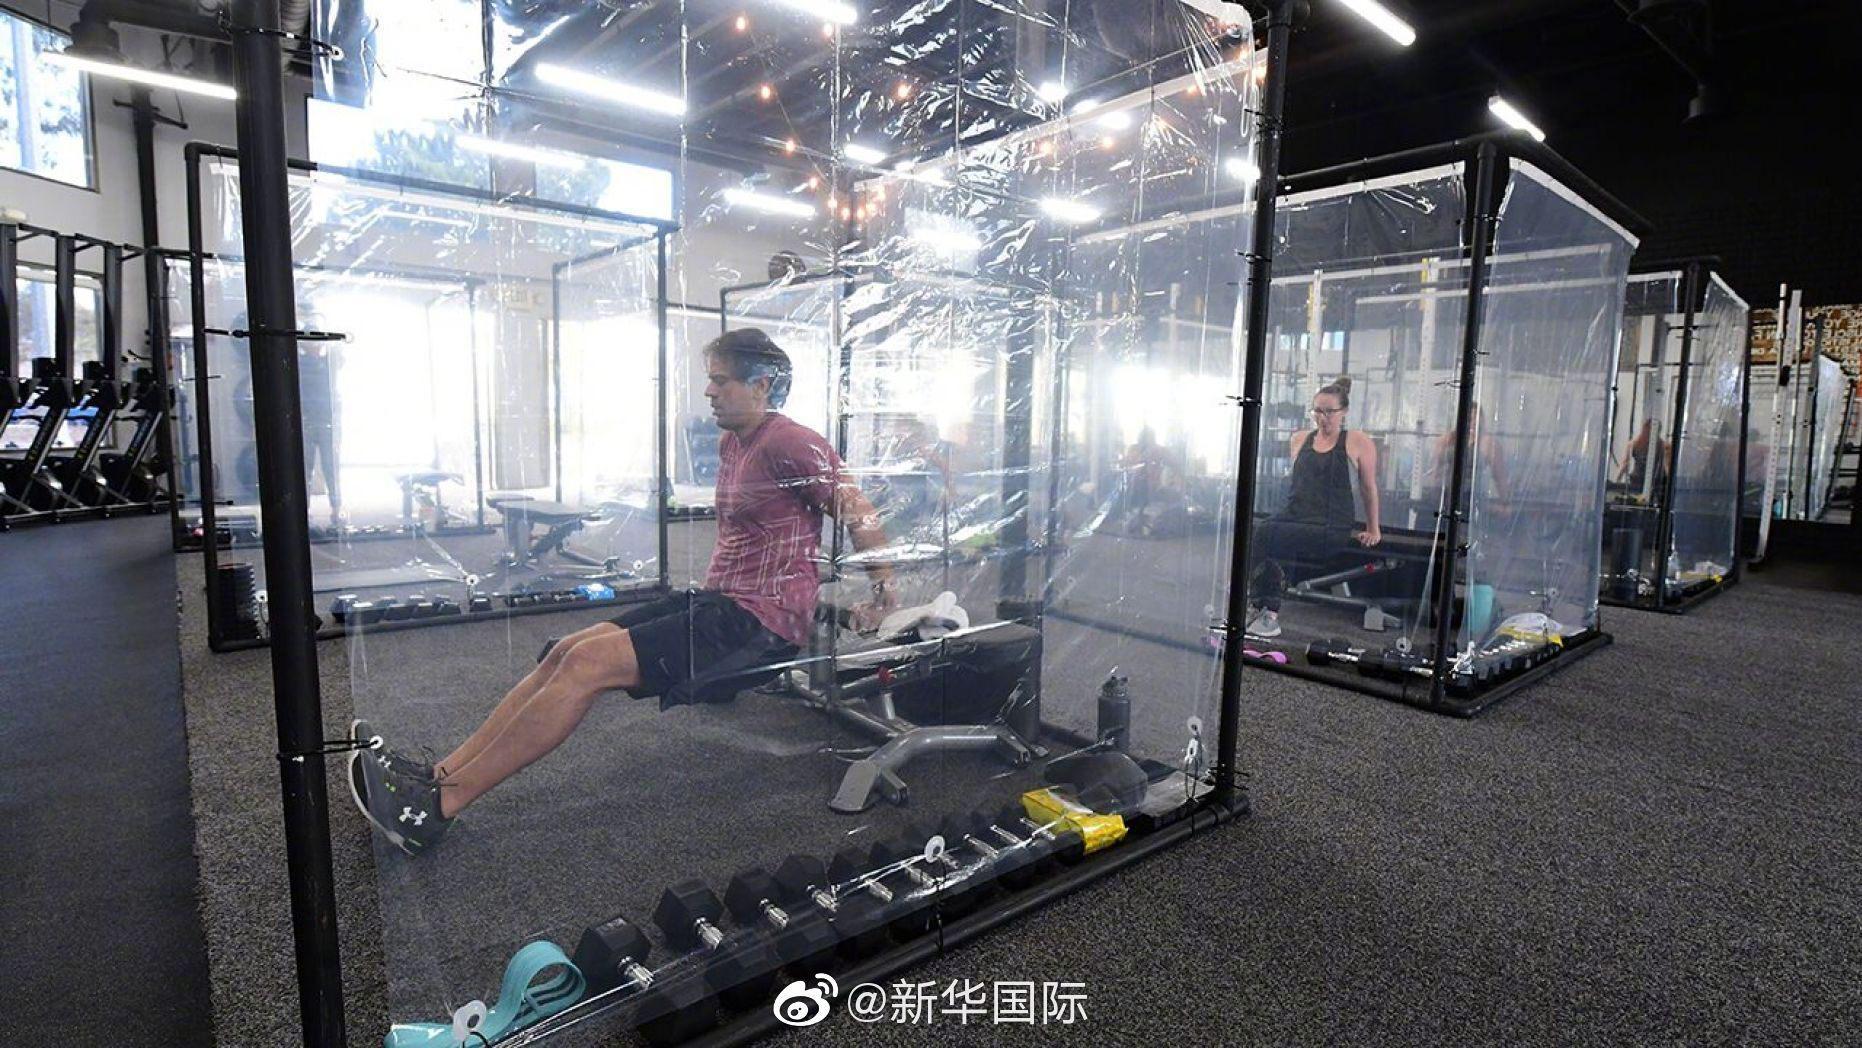 保持社交距离 美国健身房推出单人健身舱